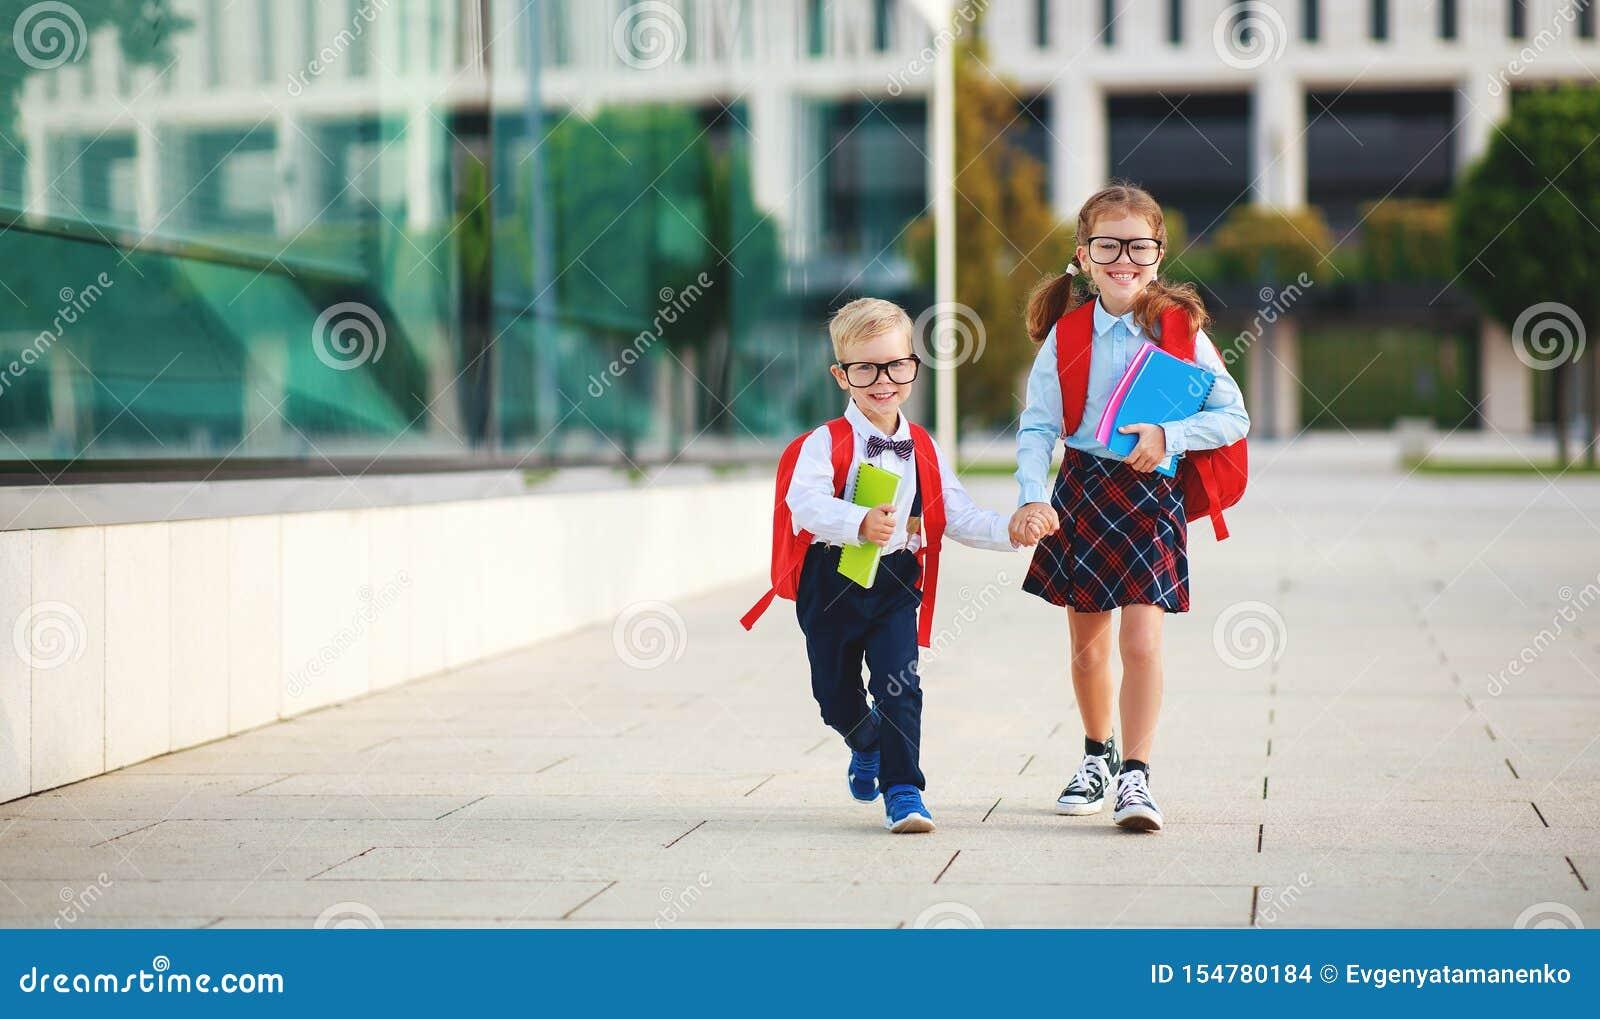 Gelukkig grappig kinderenschoolmeisje en de basisschool van de schooljongenstudent